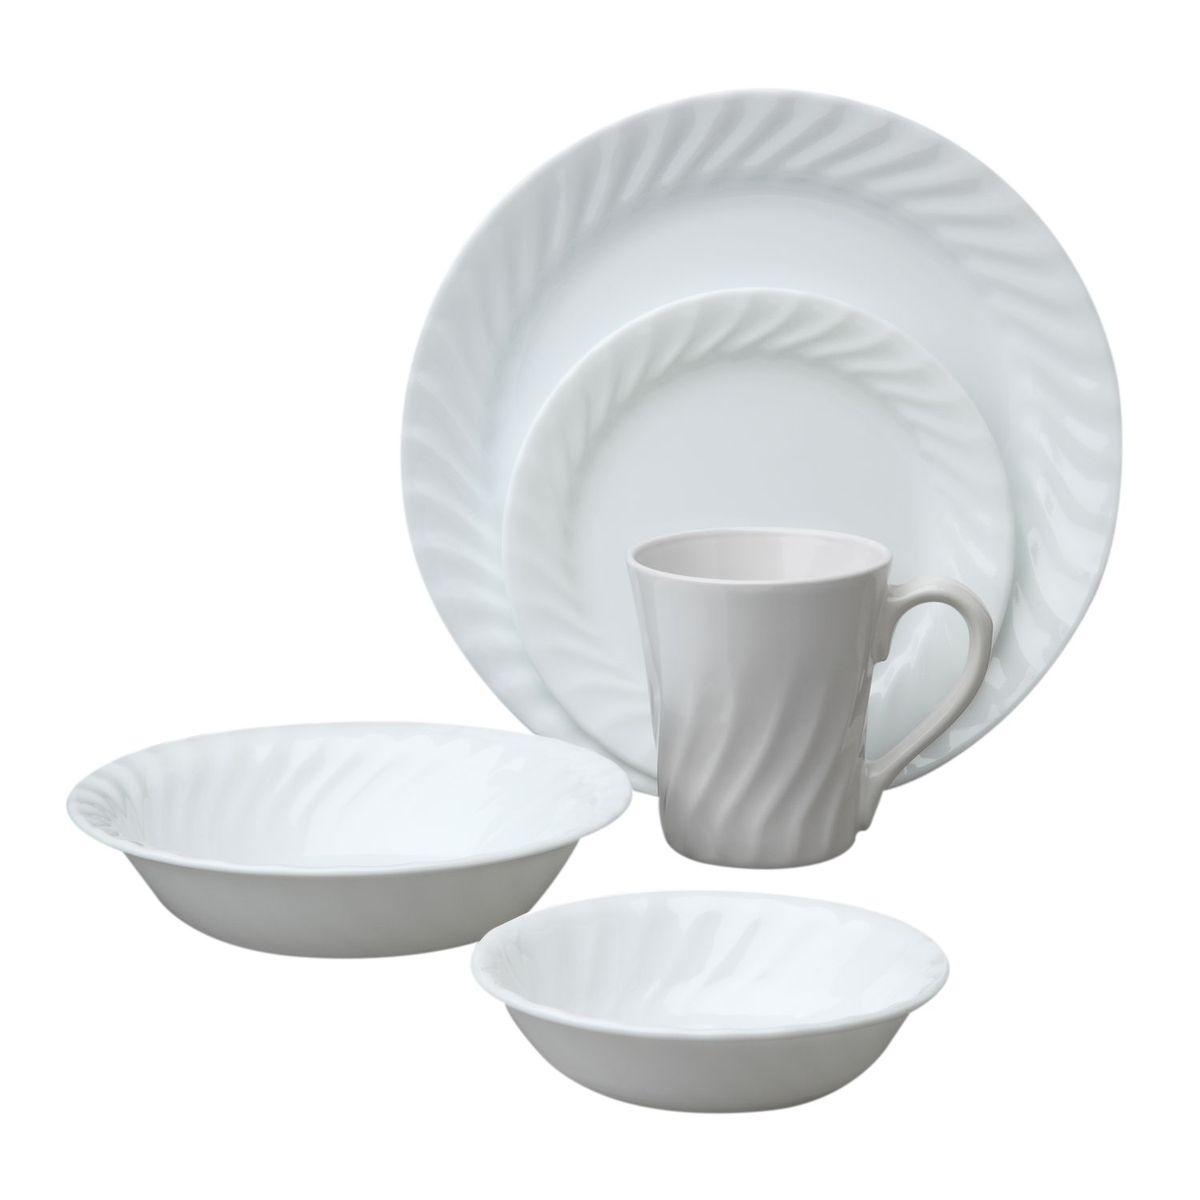 Набор посуды Enhancements 30пр, цвет: белыйVT-1520(SR)Преимуществами посуды Corelle являются долговечность, красота и безопасность в использовании. Вся посуда Corelle изготавливается из высококачественного ударопрочного трехслойного стекла Vitrelle и украшена деколями американских и европейских дизайнеров. Рисунки не стираются и не царапаются, не теряют свою яркость на протяжении многих лет. Посуда Corelle не впитывает запахов и очень долгое время выглядит как новая. Уникальная эмаль, используемая во время декорирования, фактически становится единым целым с поверхностью стекла, что гарантирует долгое сохранение нанесенного рисунка. Еще одним из главных преимуществ посуды Corelle является ее безопасность. В производстве используются только безопасные для пищи пигменты эмали, при производстве посуды не применяется вредный для здоровья человека меламин. Изделия из материала Vitrelle: Прочные и легкие; Выдерживают температуру до 180С; Могут использоваться в посудомоечной машине и микроволновой печи; Штабелируемые; Устойчивы к царапинам; Ударопрочные; Не содержит меламин.6 обеденных тарелок 26 см; 6 десертных тарелок 18 см; 6 Салатник 300 мл; 6 суповых тарелок 530 мл; 6 фарфоровых кружек 270 мл